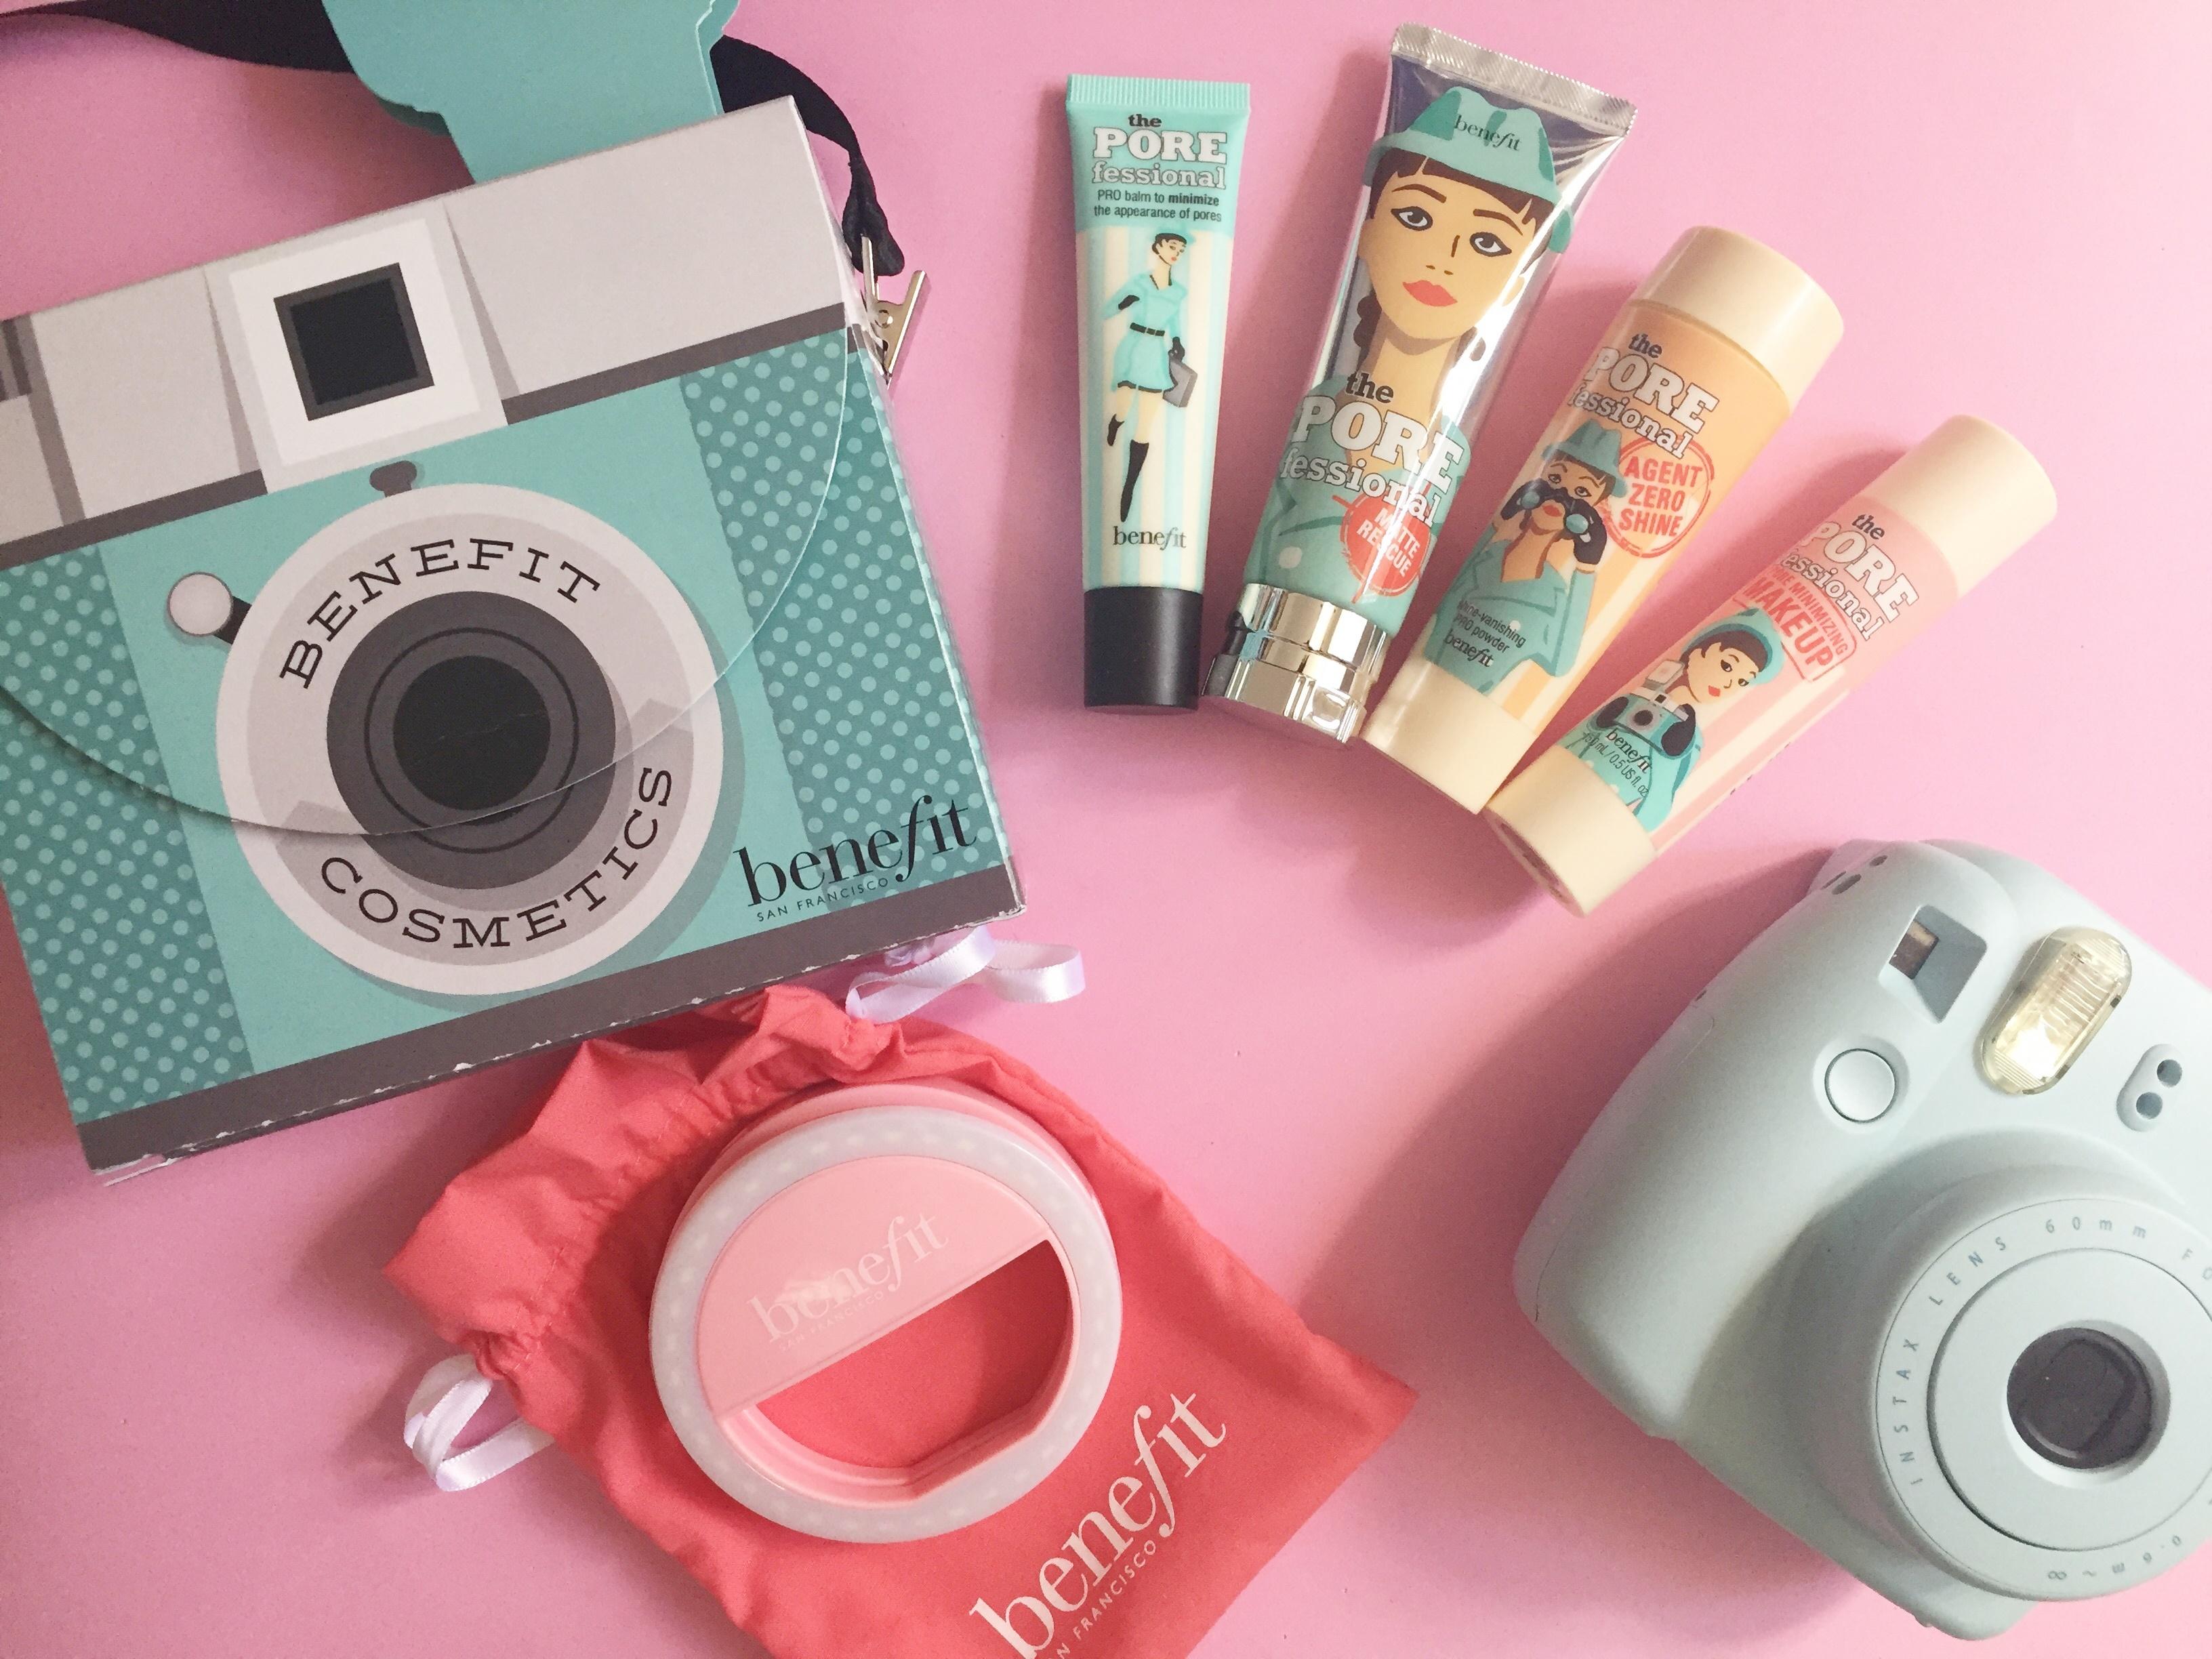 POREfetto di Benefit Cosmetic il kit per avere un makeup per le selfie a prova di caldo